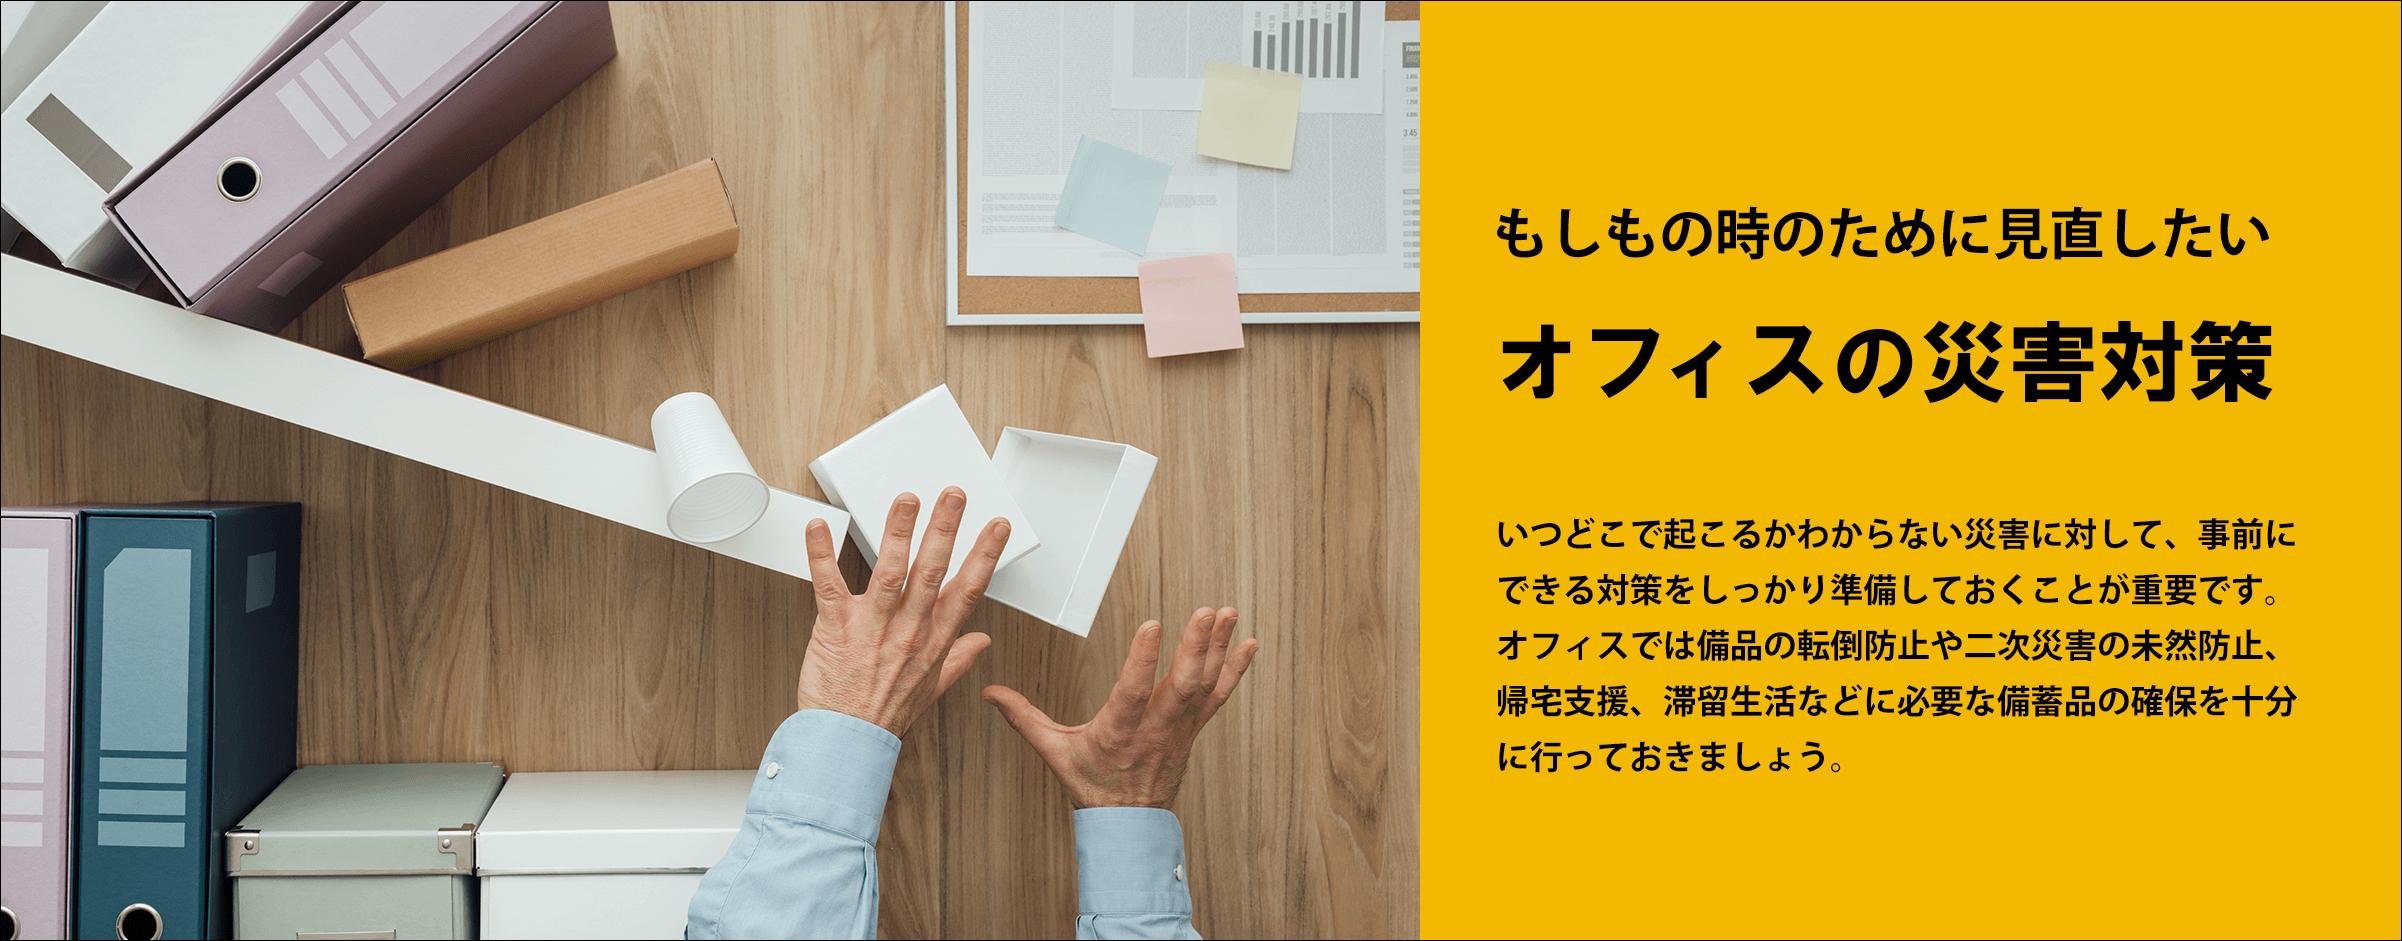 トータル 日本 サポート 災害